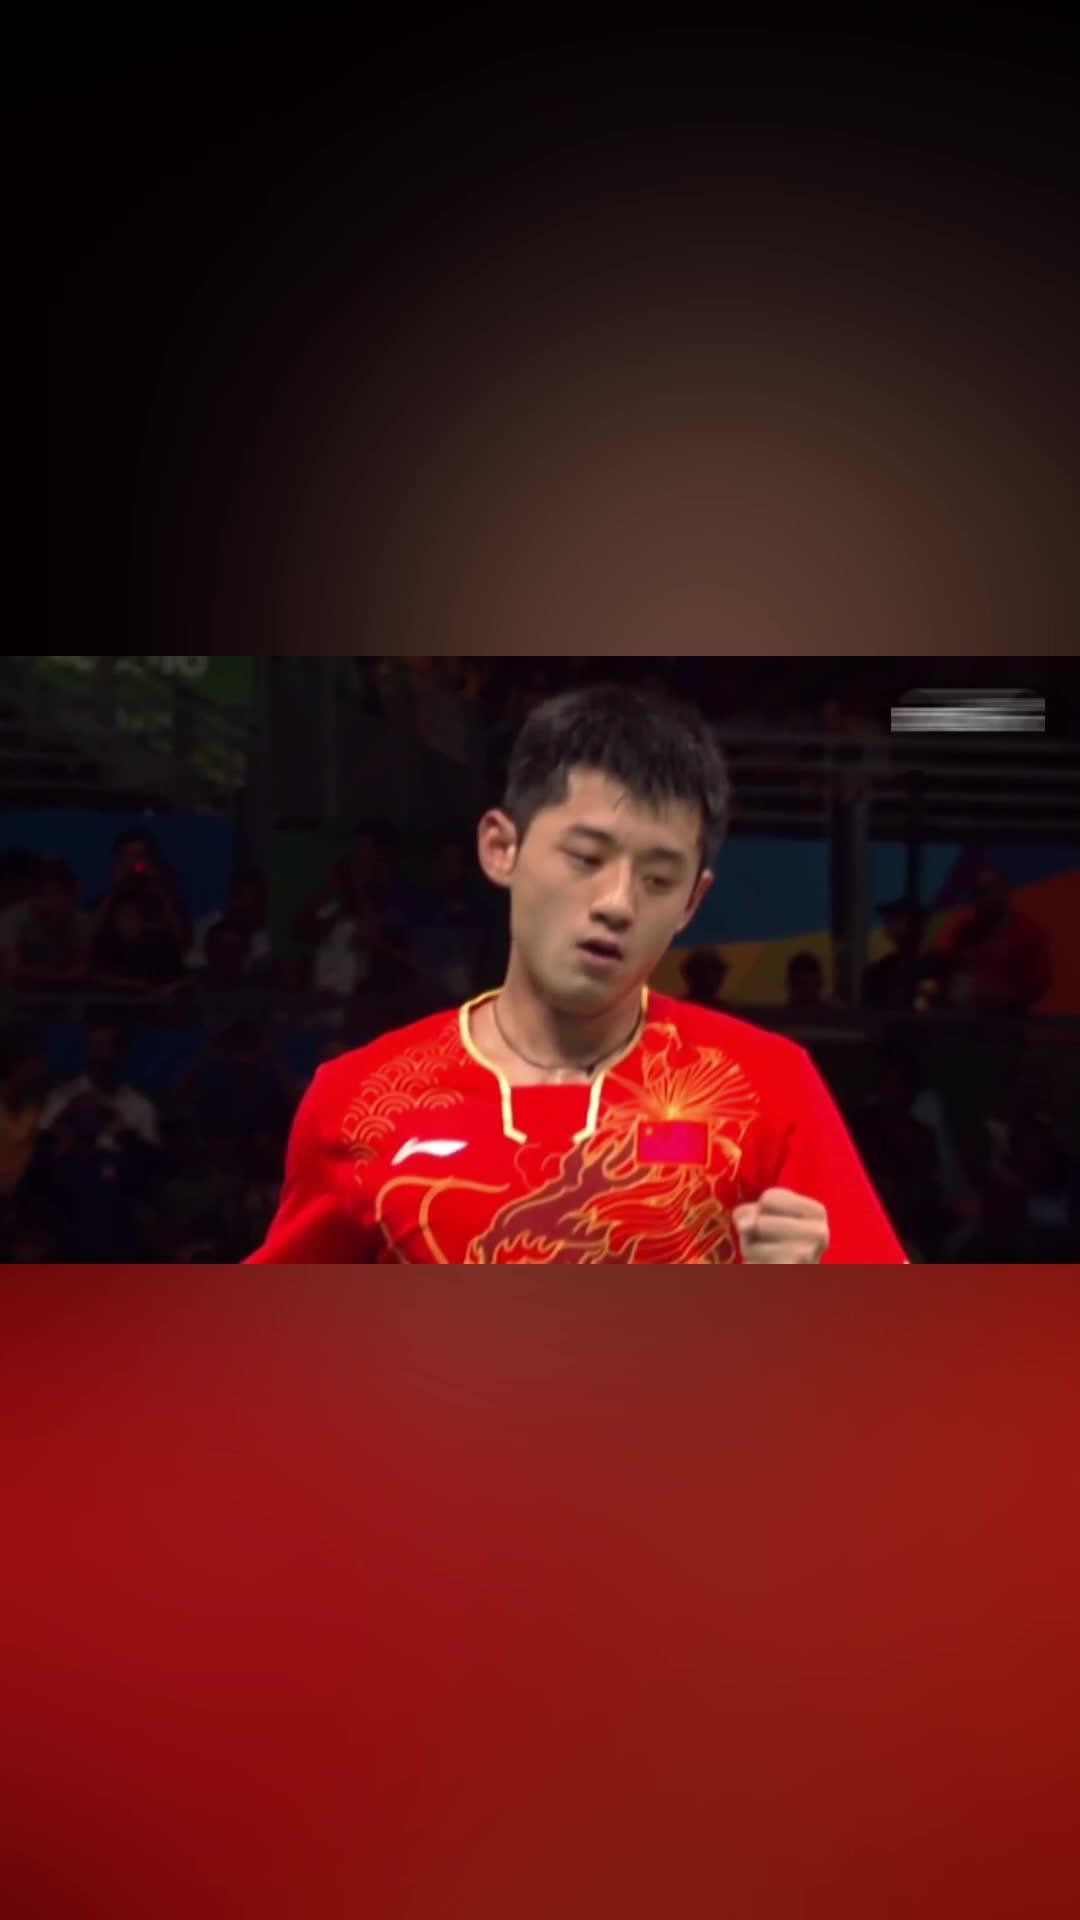 张继科奥运赛场睡着,眼看要输日本,刘国梁急了:醒醒啊!